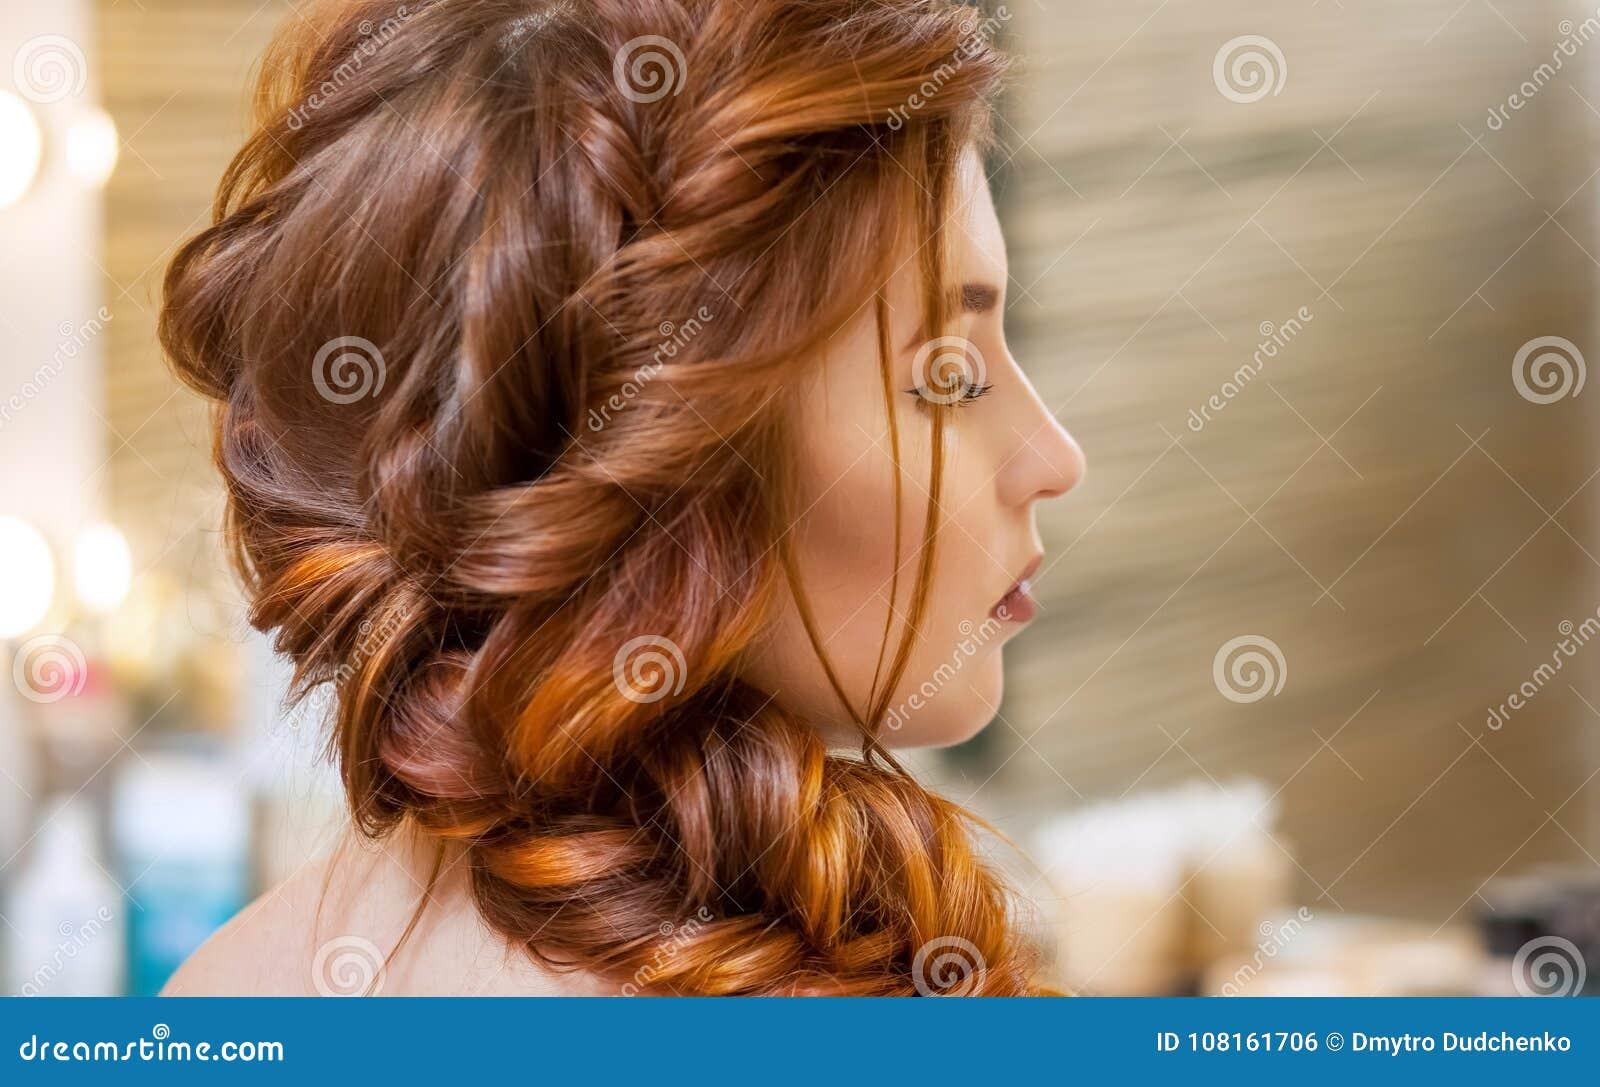 Schön, mit lang, spinnt rothaariges haariges Mädchen, Friseur eine französische Borte, in einem Schönheitssalon